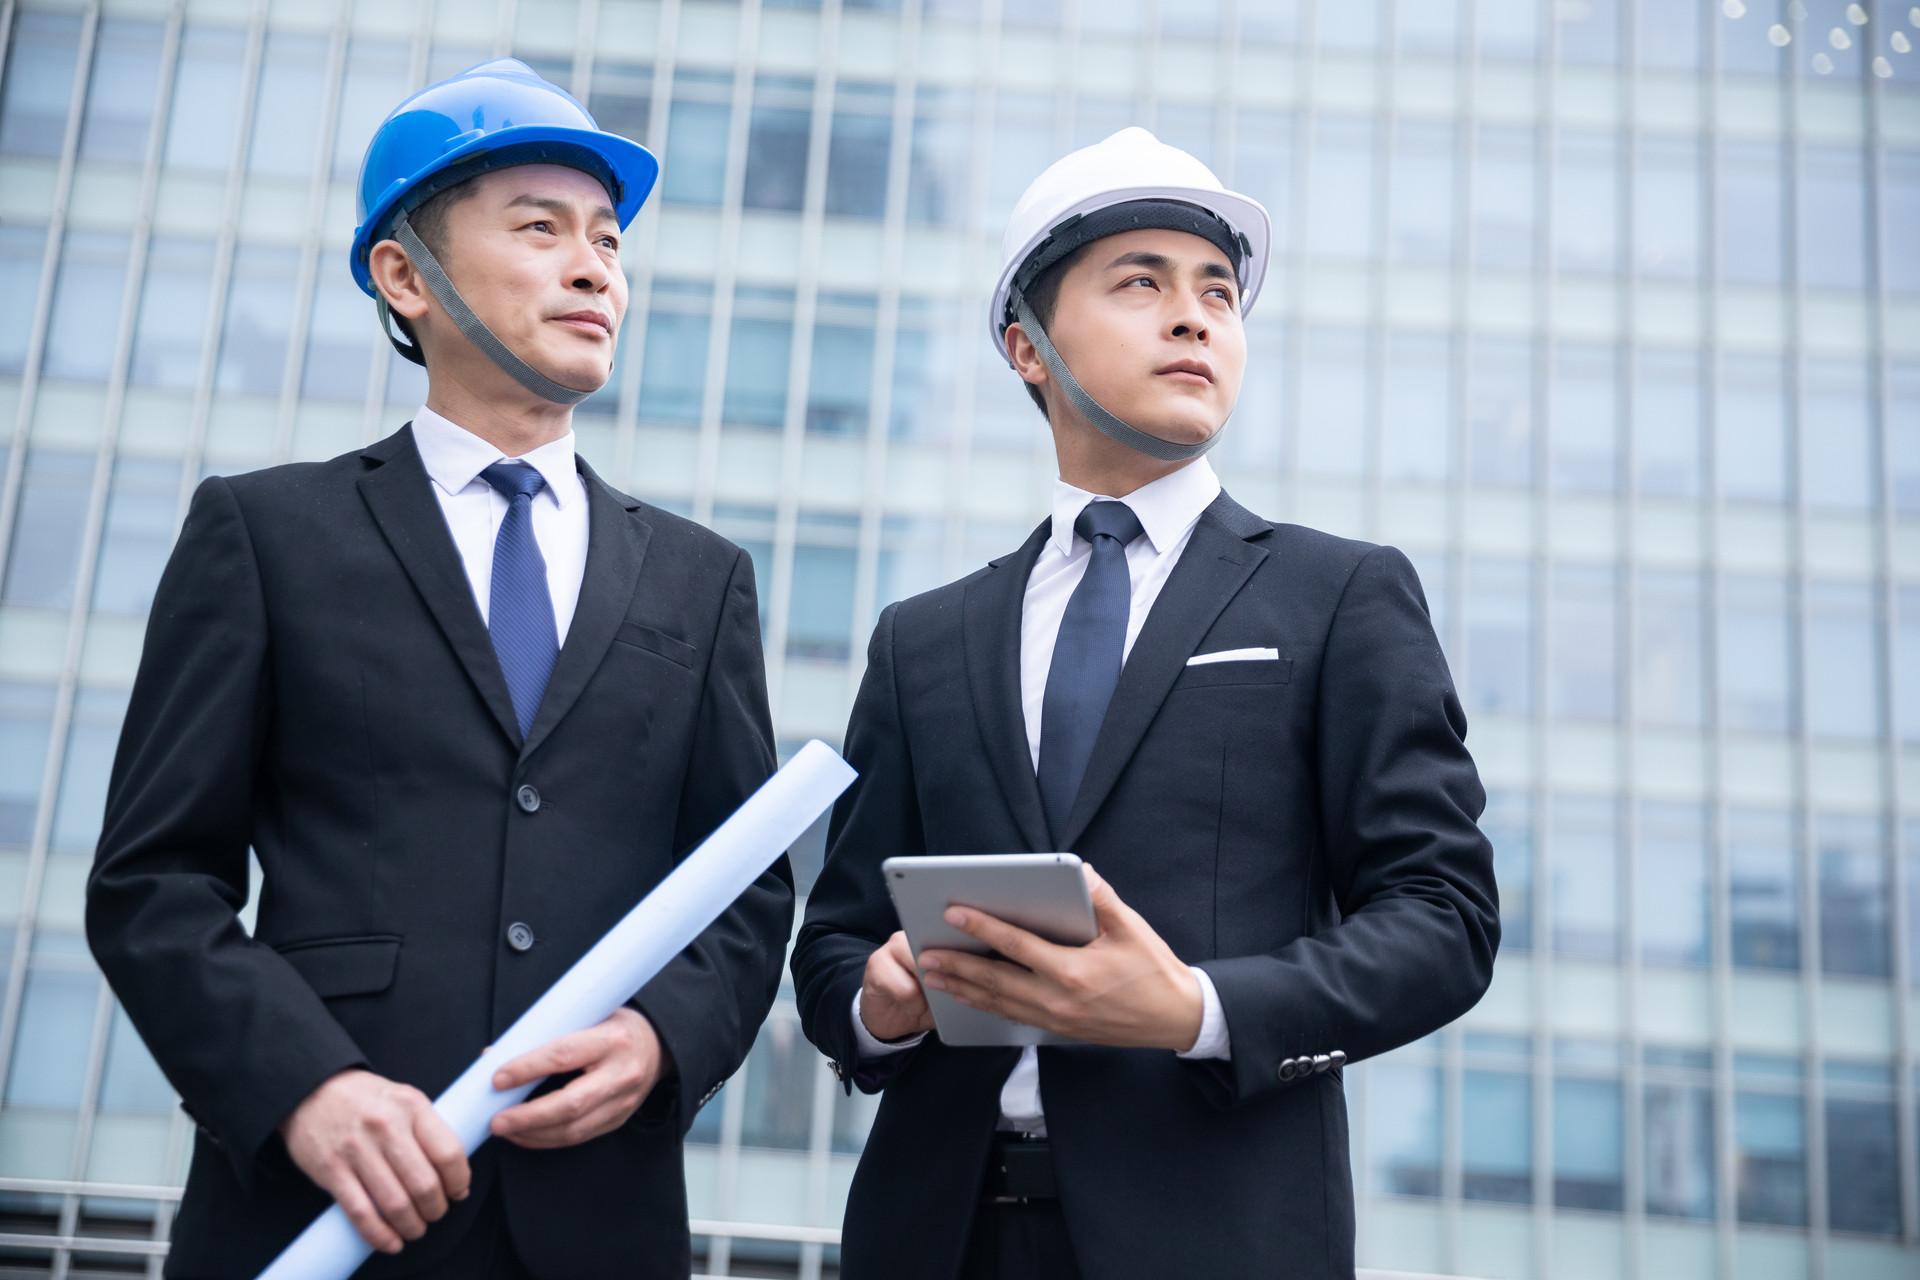 芜湖镜湖区二级建造师考试辅导机构